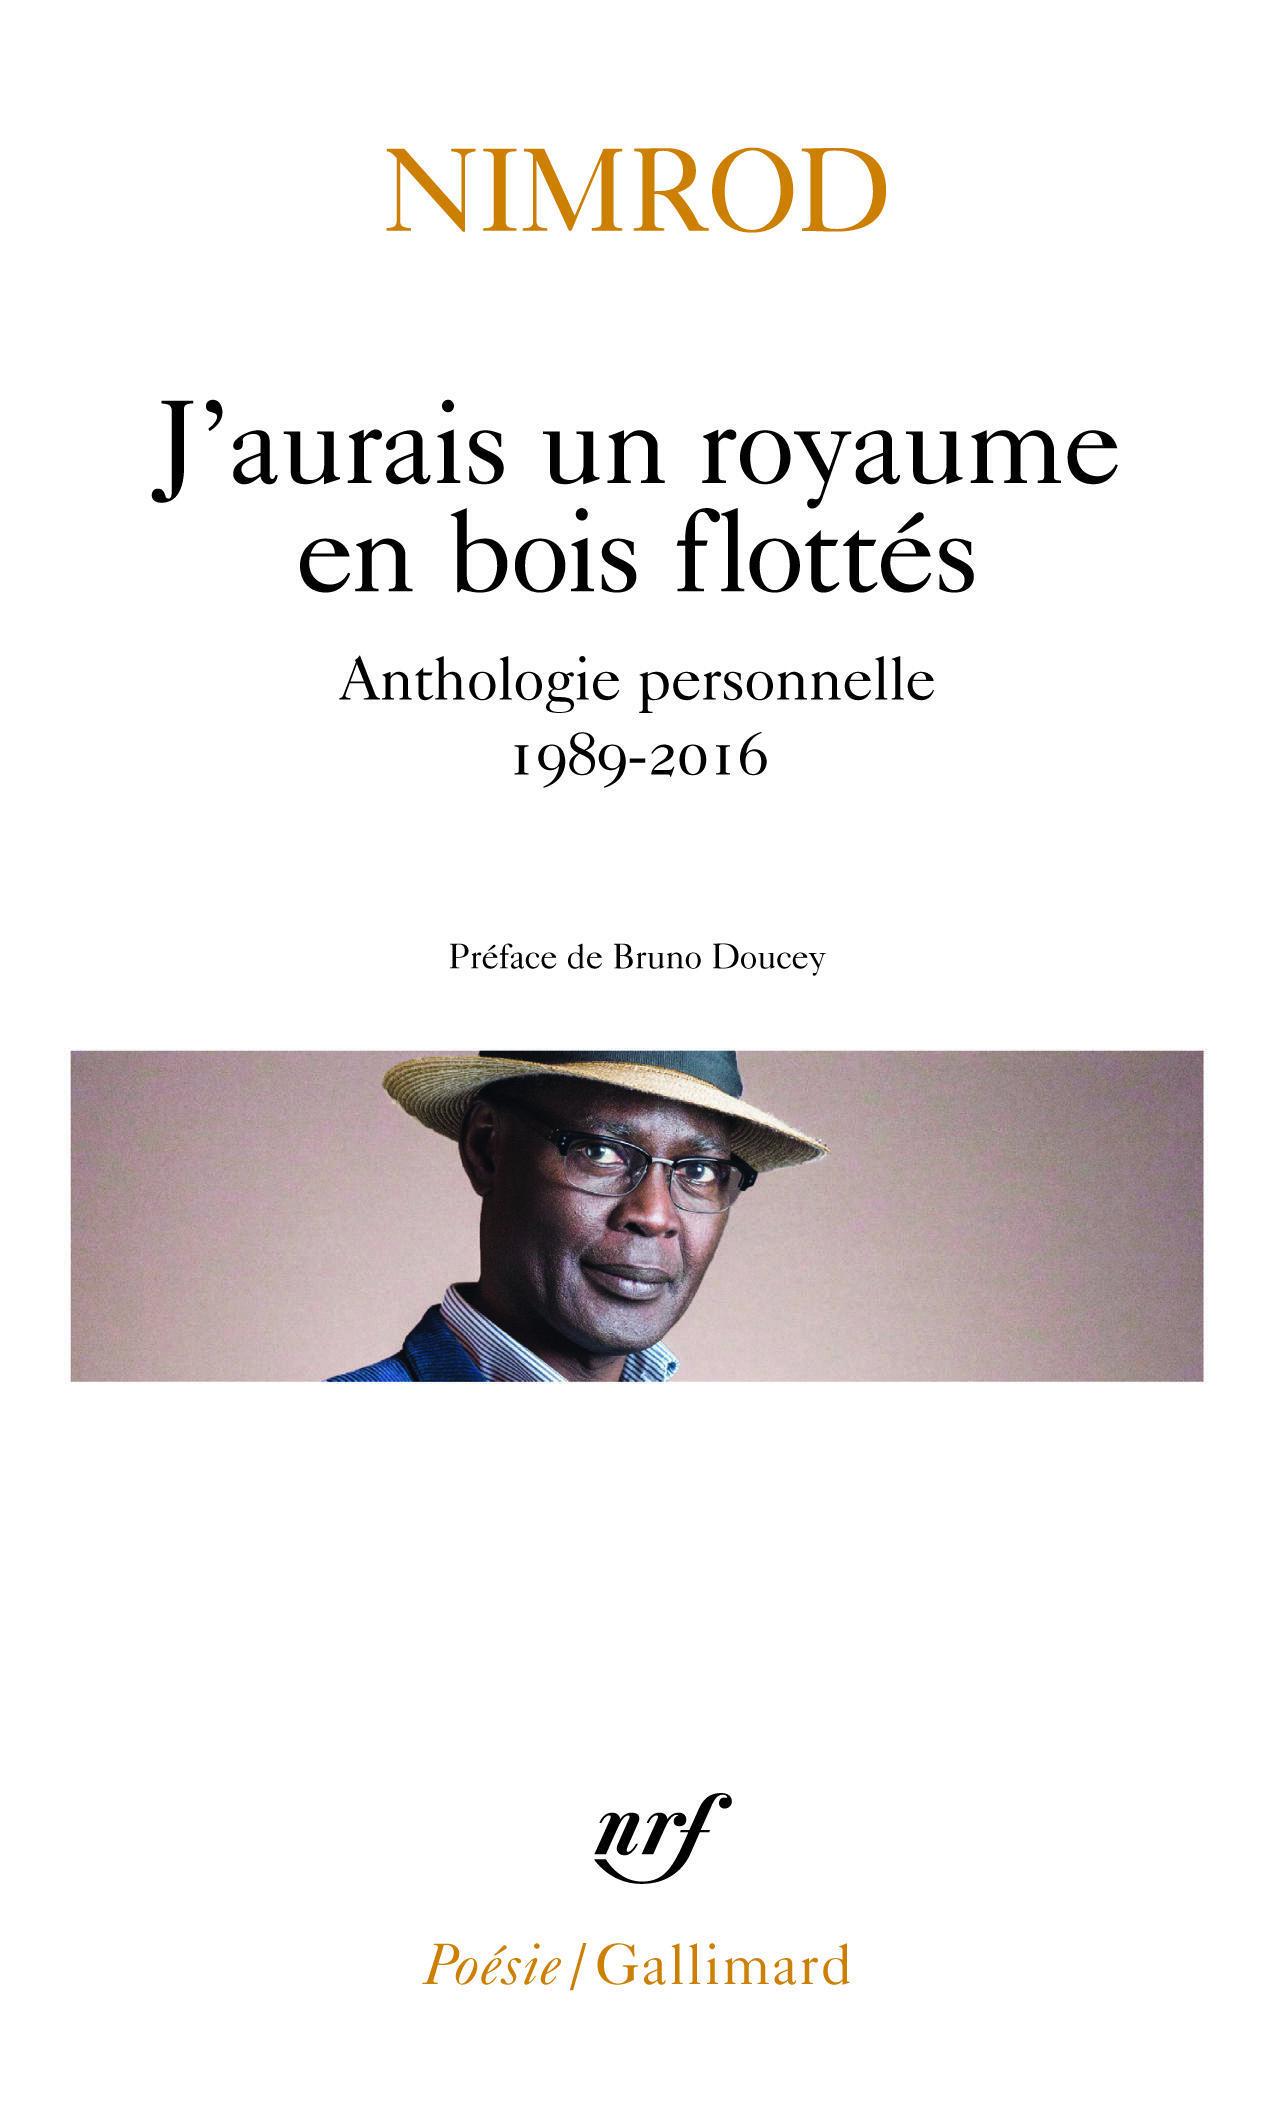 """""""J'aurais un royaume en bois flottés"""" est le dernier recueil de Nimrod, dans la collection Poésie/Gallimard."""